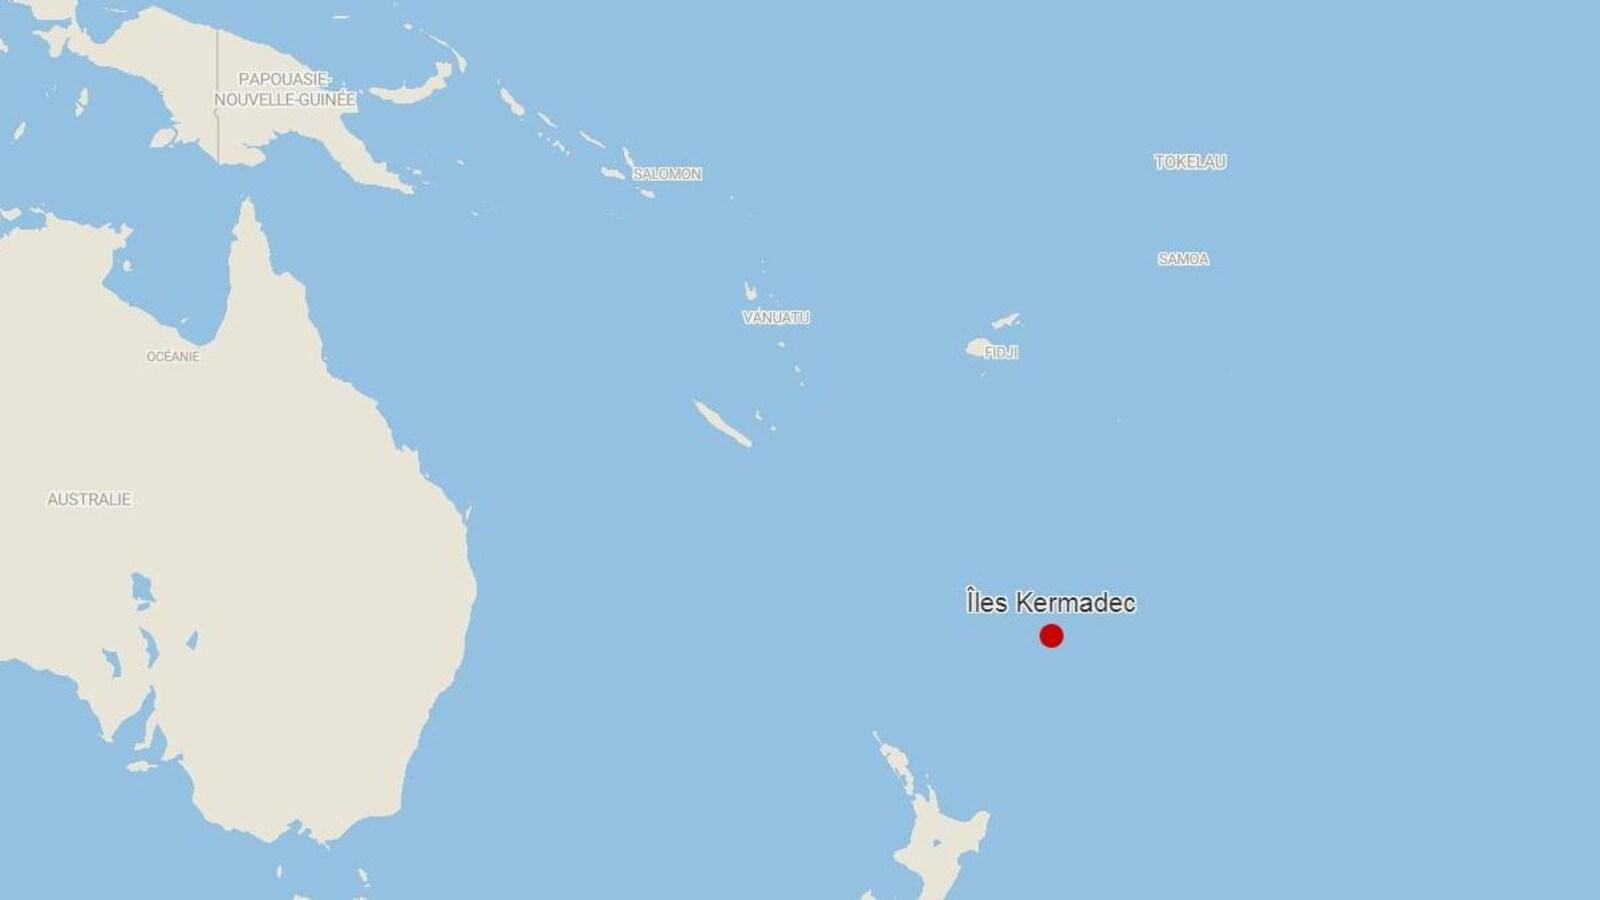 Séisme de magnitude 7,4 près des îles Kermadec